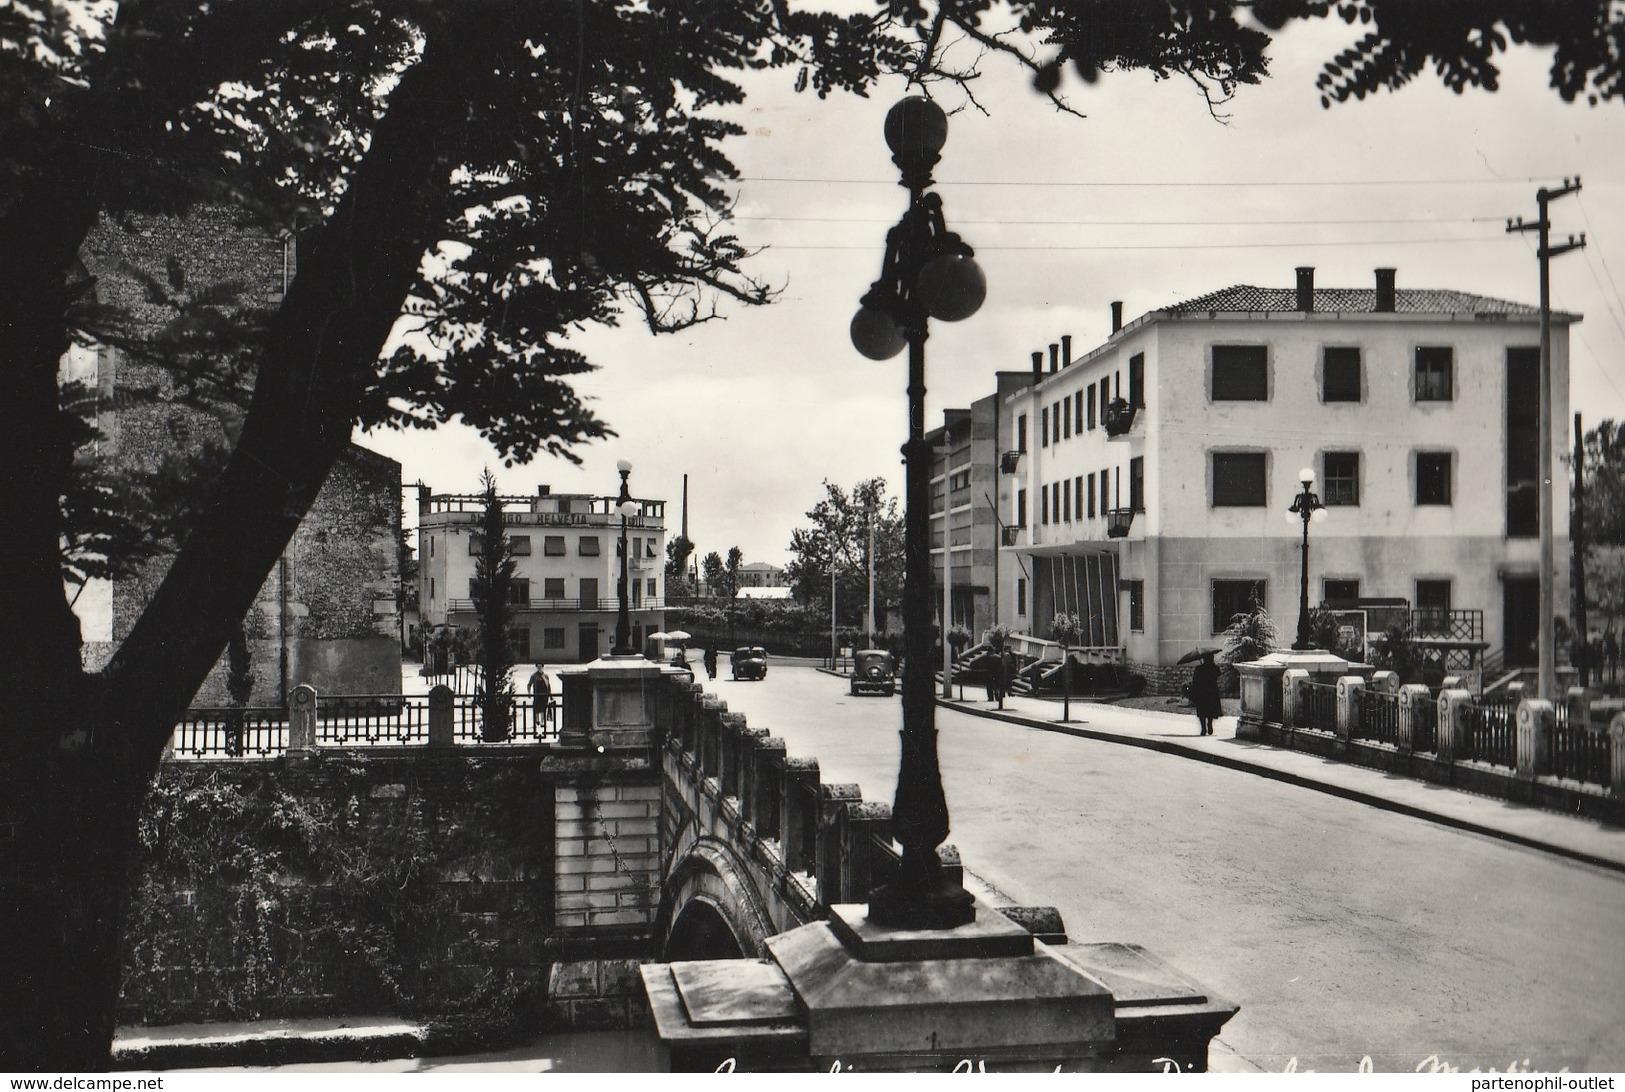 Cartolina - Postcard / Viaggiata - Sent /  Conegliano Veneto, Piazzale S. Martino..  ( Gran Formato ) Anni 60° - Treviso